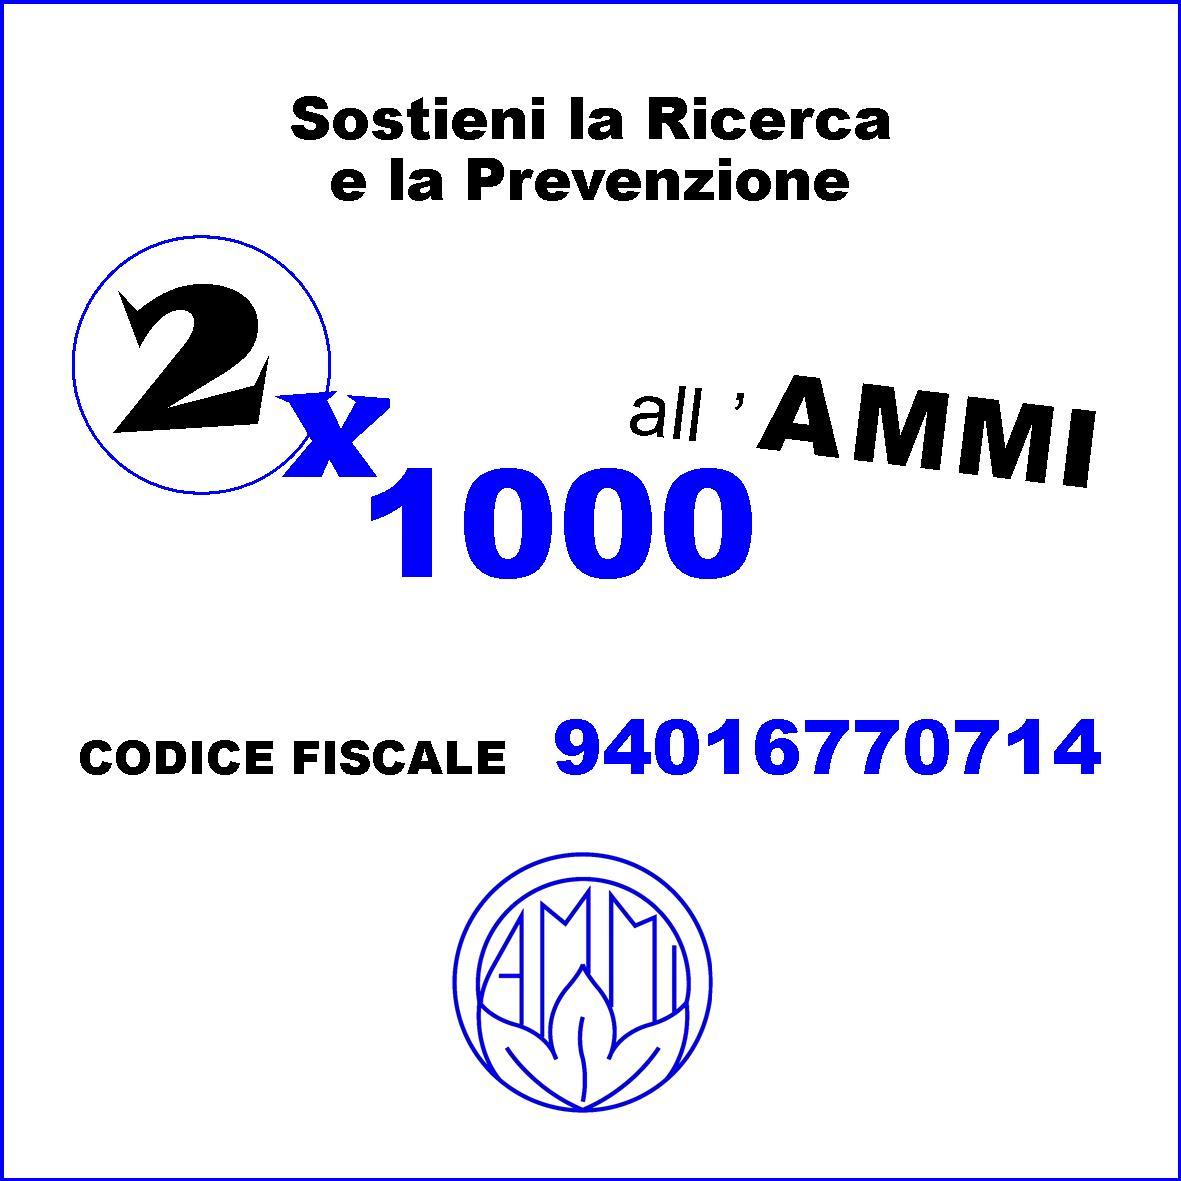 Sostenere la ricerca e la prevenzione donando all'AMMI il 2×1000